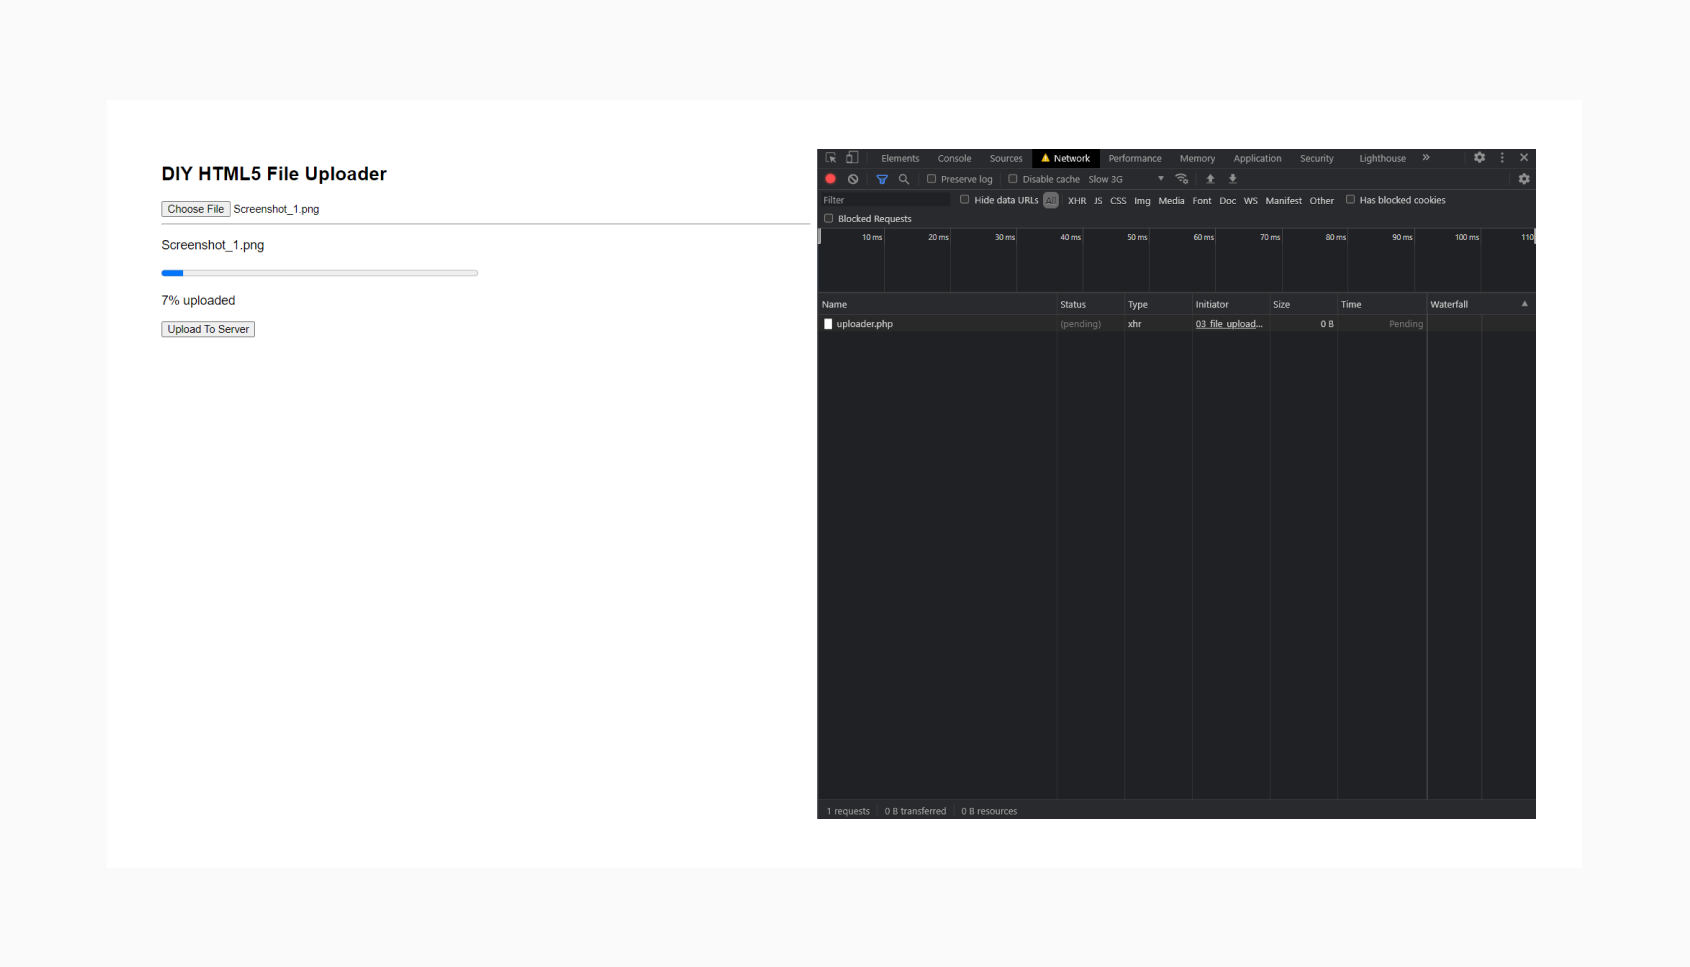 HTML5 File Uploader with a progress bar